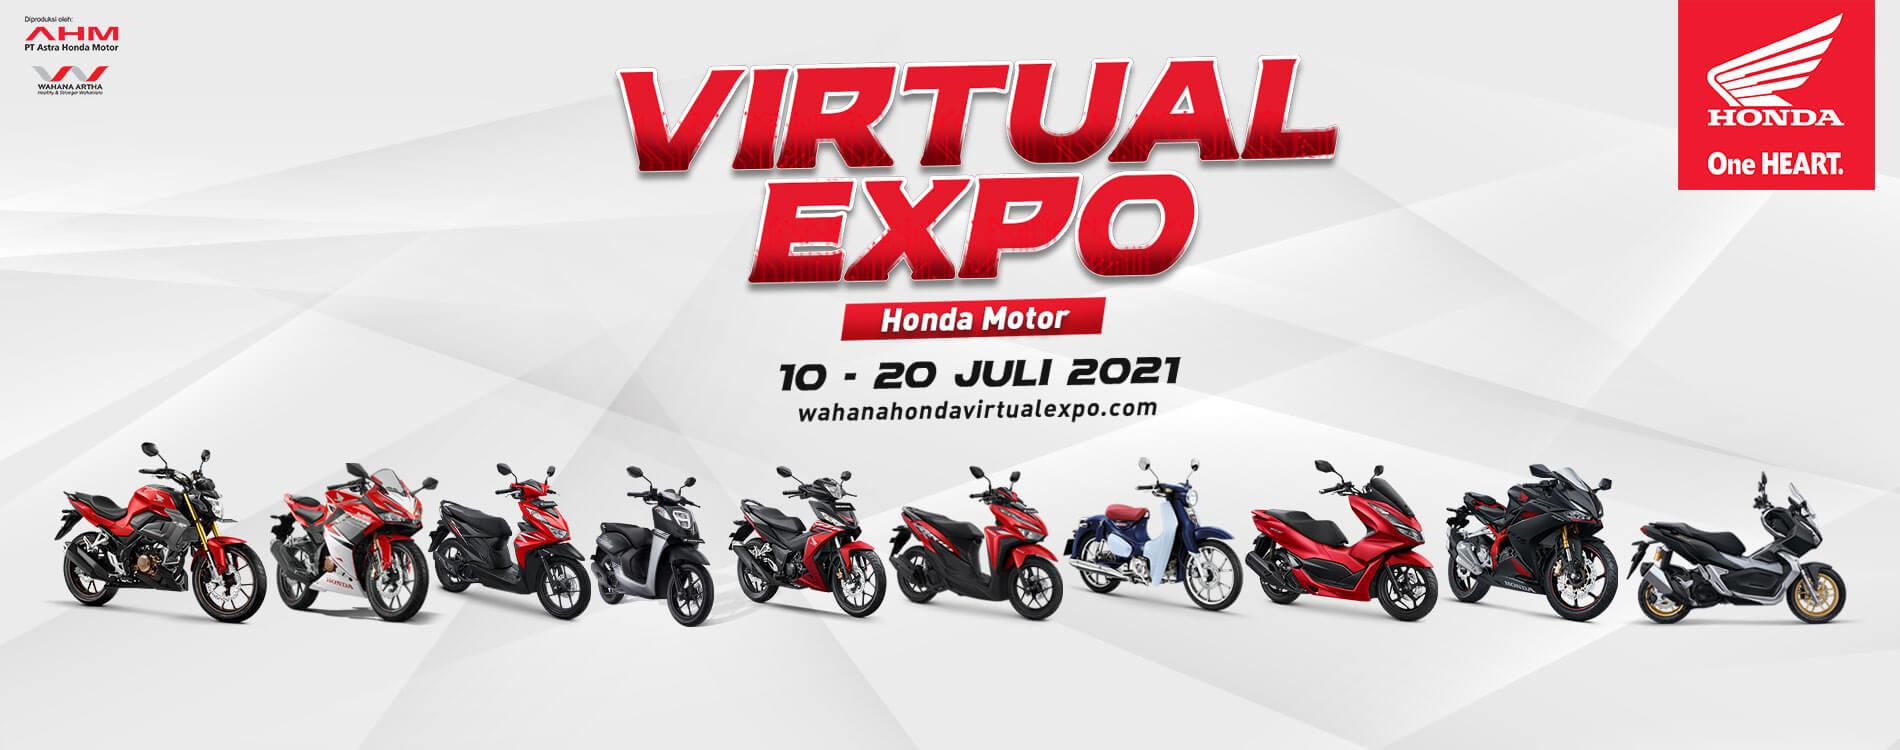 Virtual Expo Honda Motor 10 - 20 Juli 2021